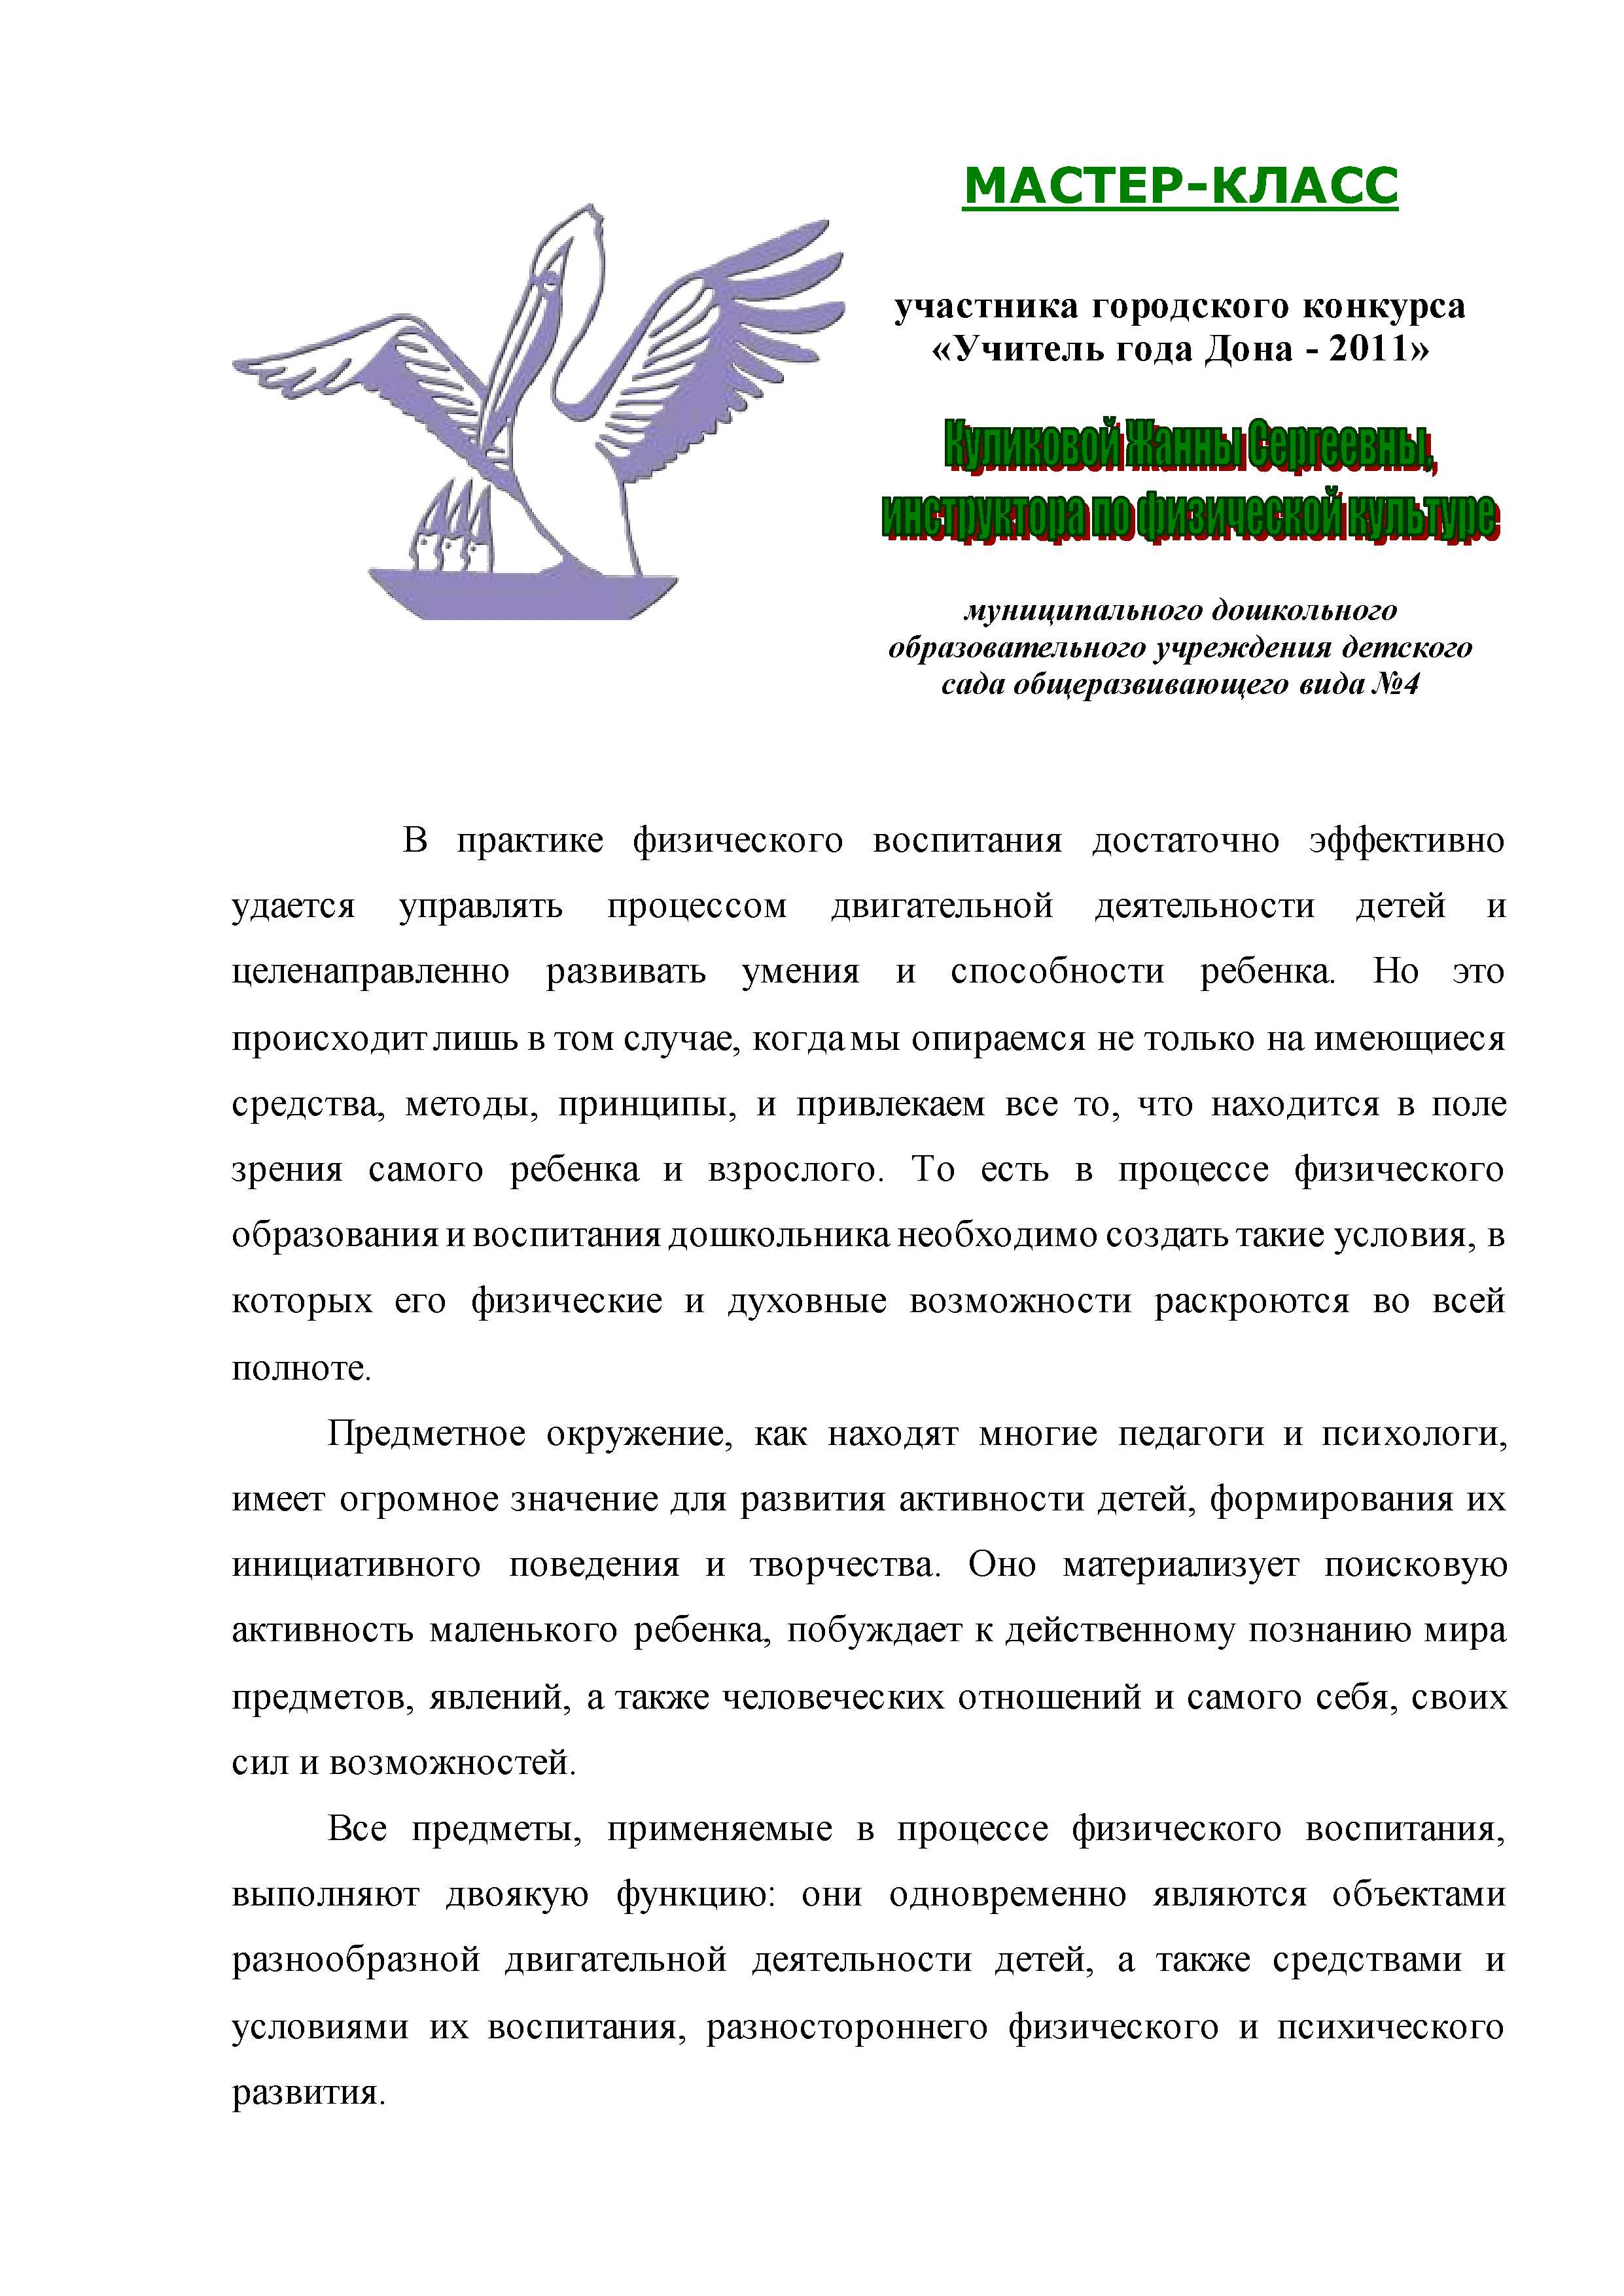 МАСТЕР-КЛАСС_1